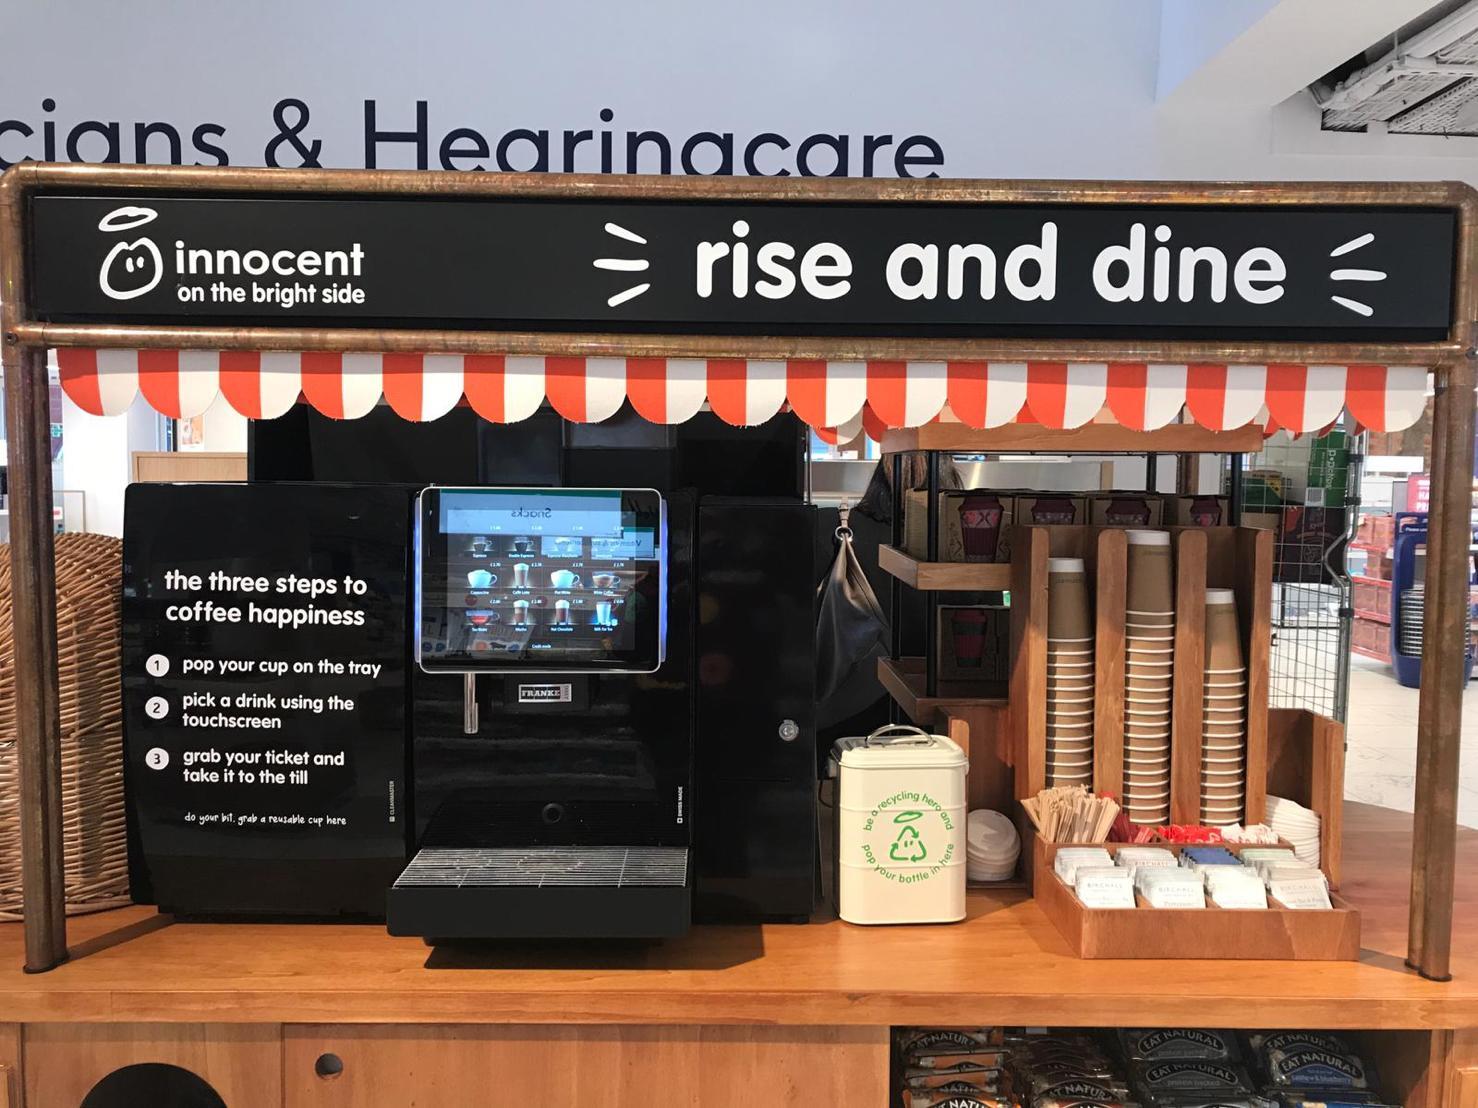 2 3 - innocent teste le concept « rise & dine » à Londres